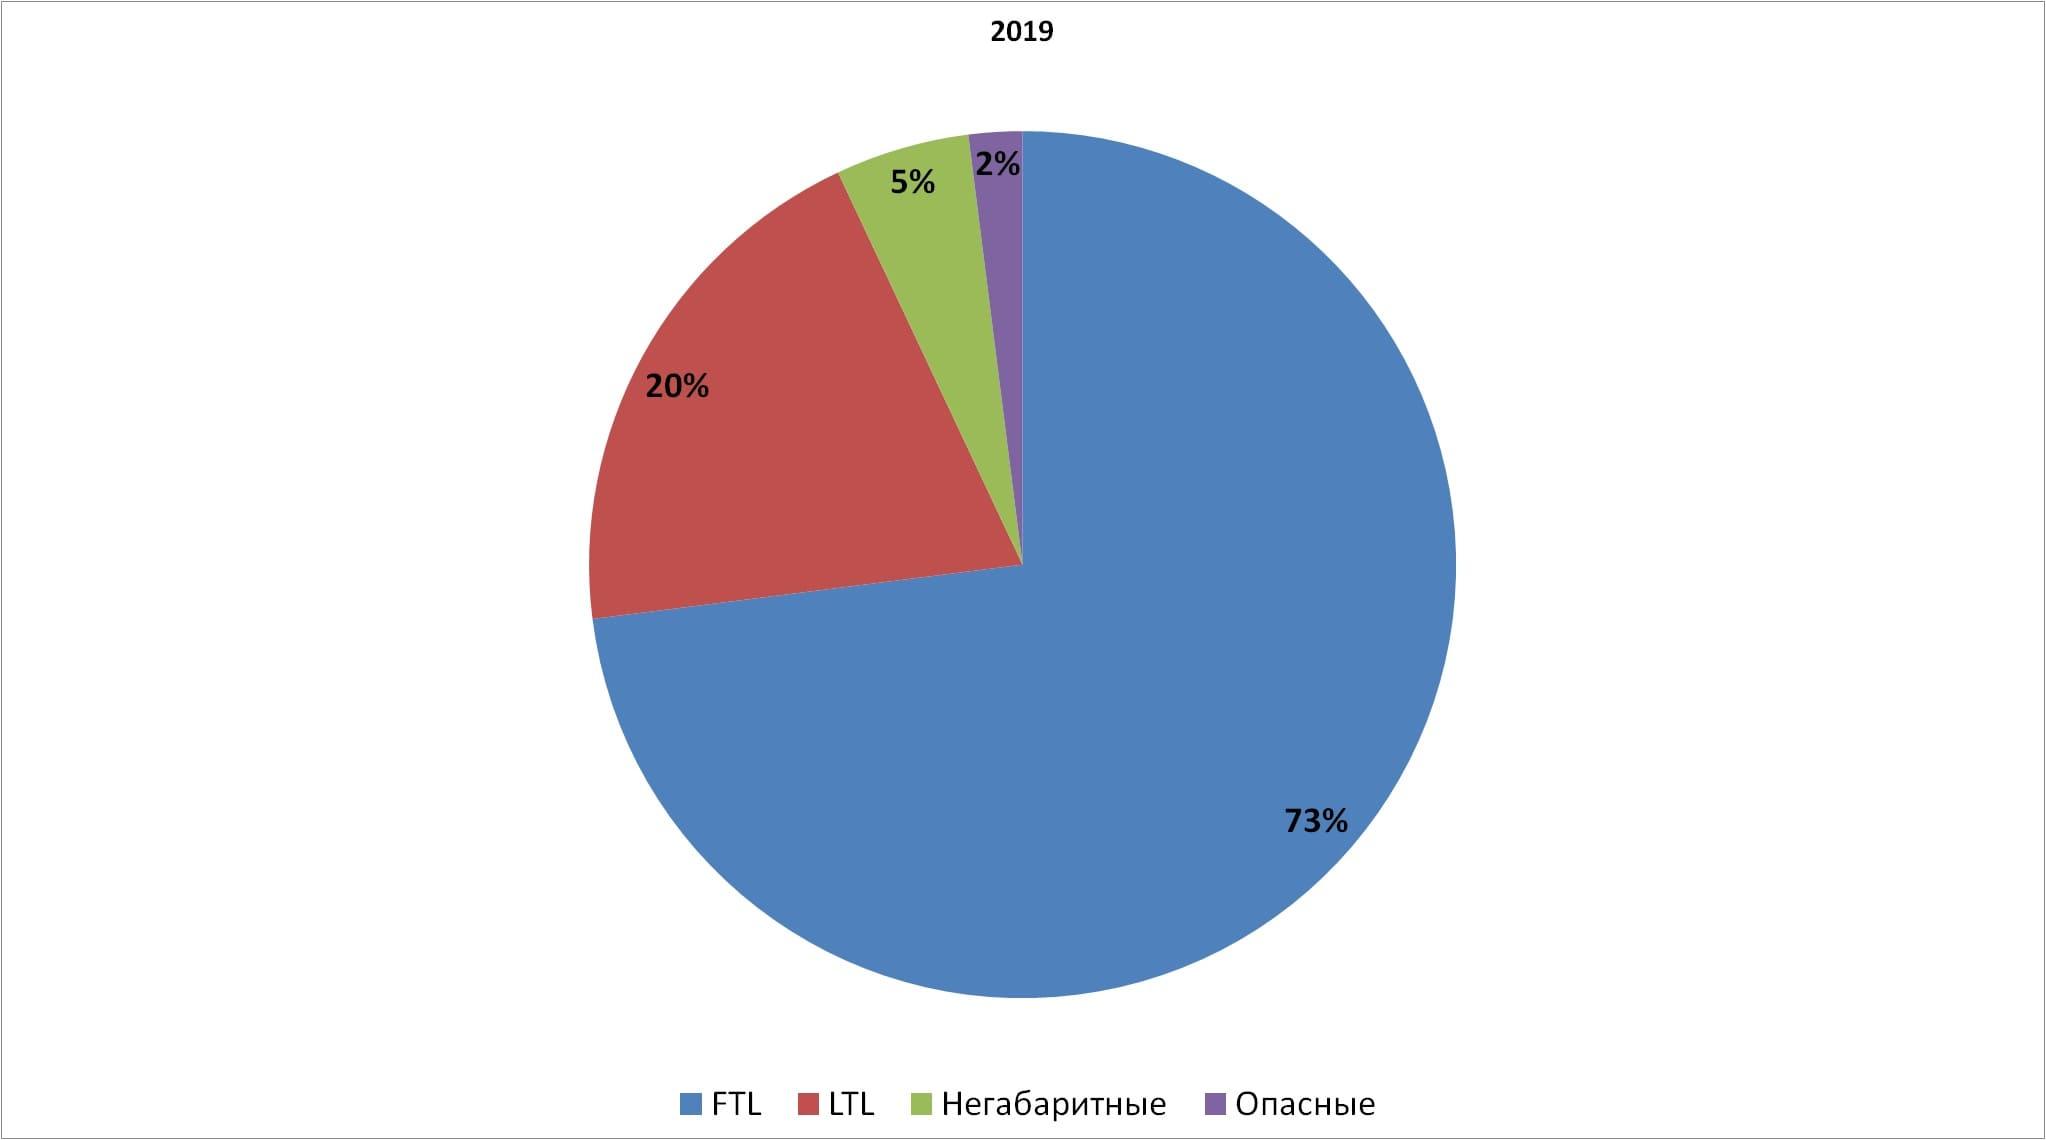 Диаграмма структуры автомобильных перевозок в РФ